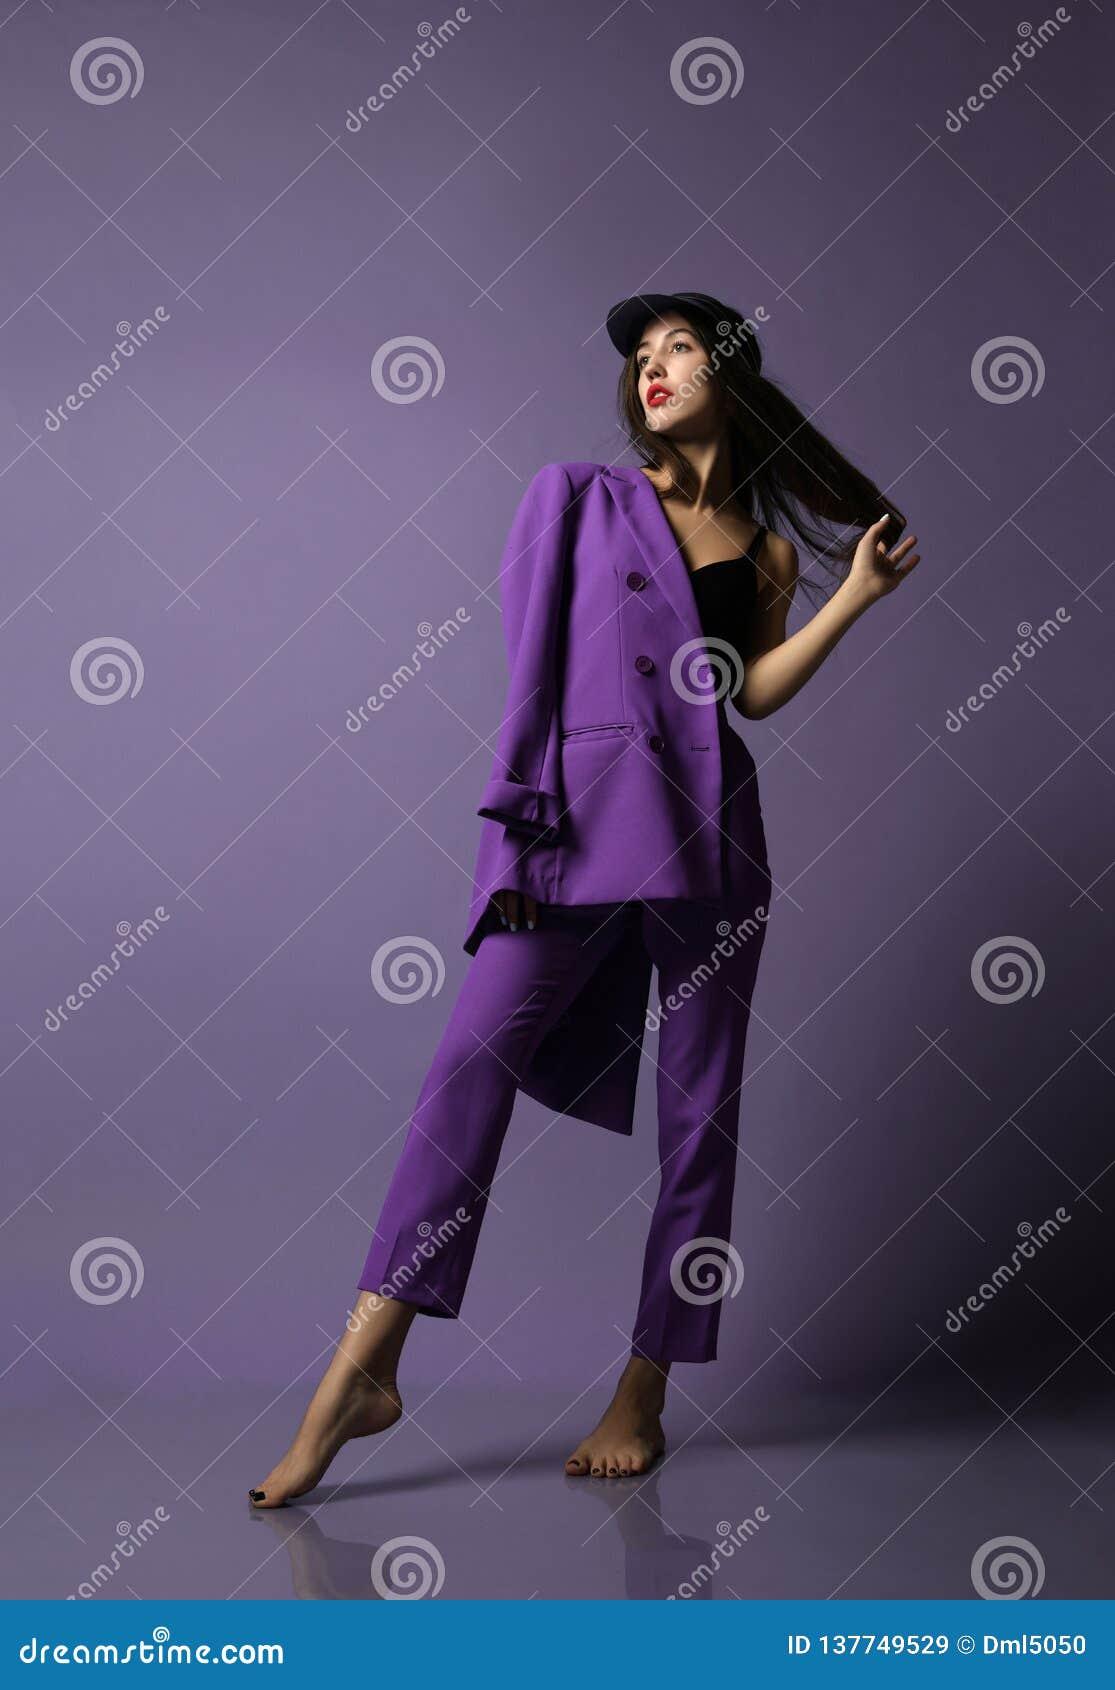 Pięknej modniś dziewczyny wzorcowy pozować w purpurach nadaje się i bielizna